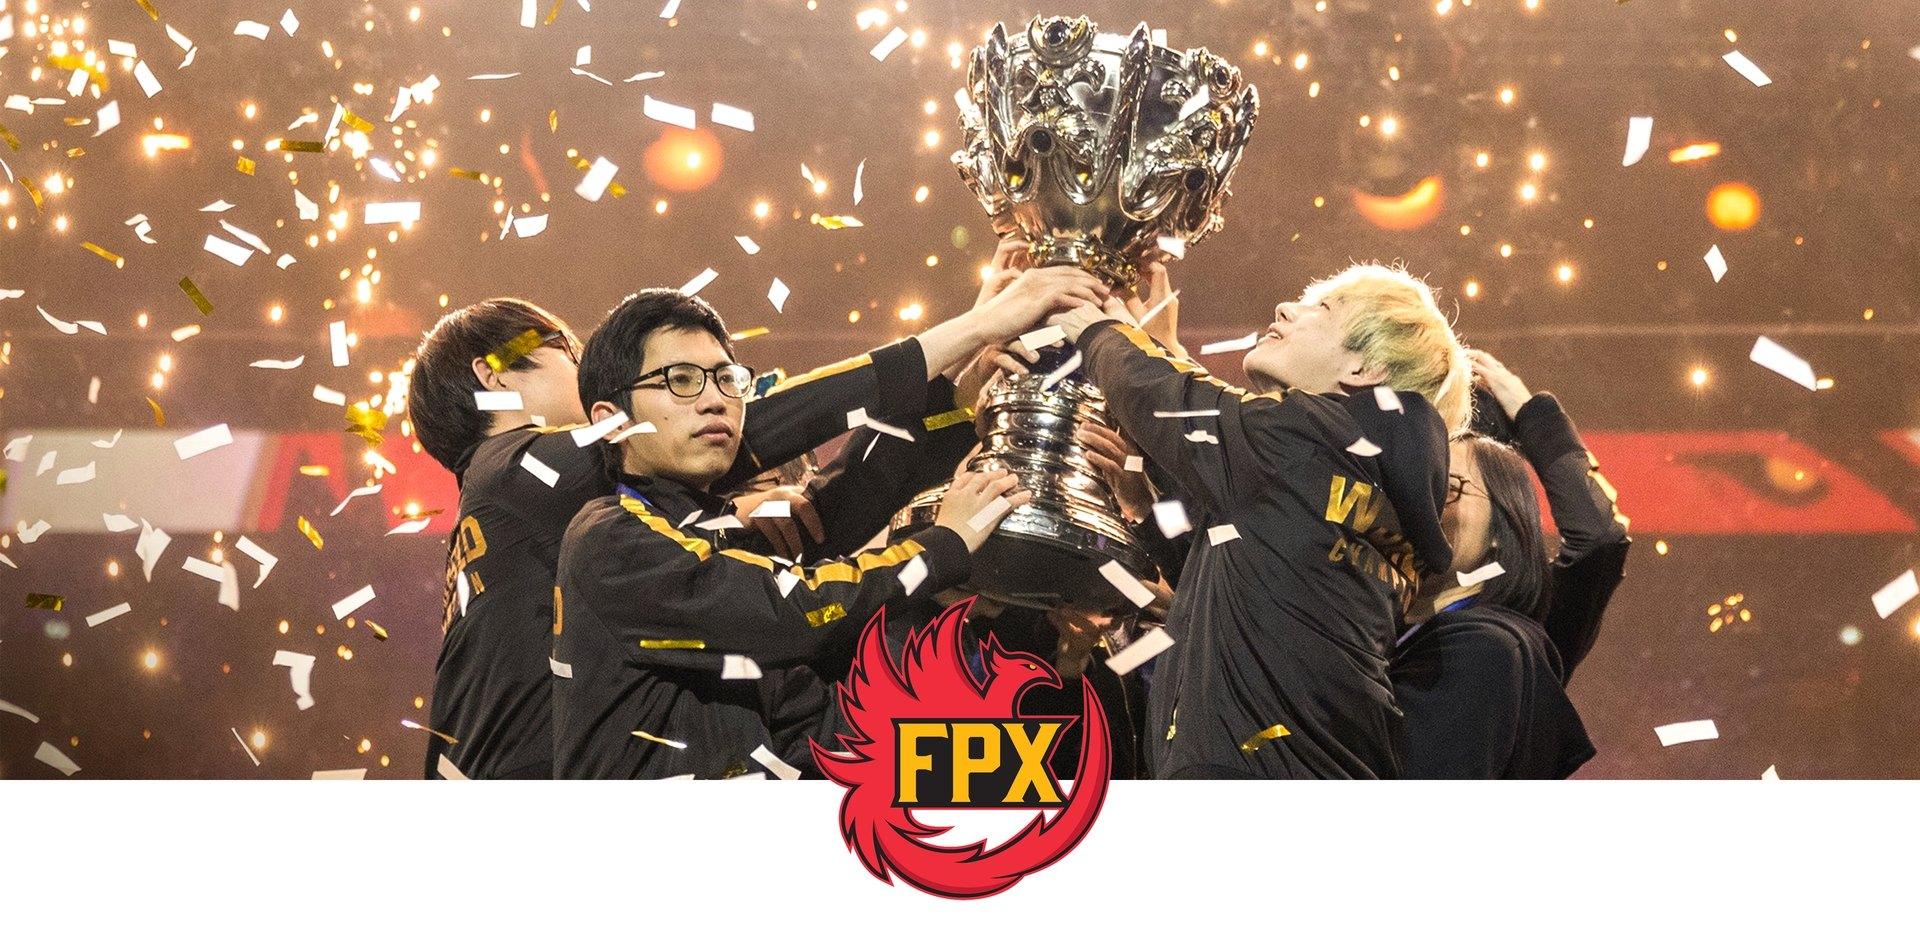 Logo de l'équipe FPF, avec eux remportant un trophée et le brandissant ensemble